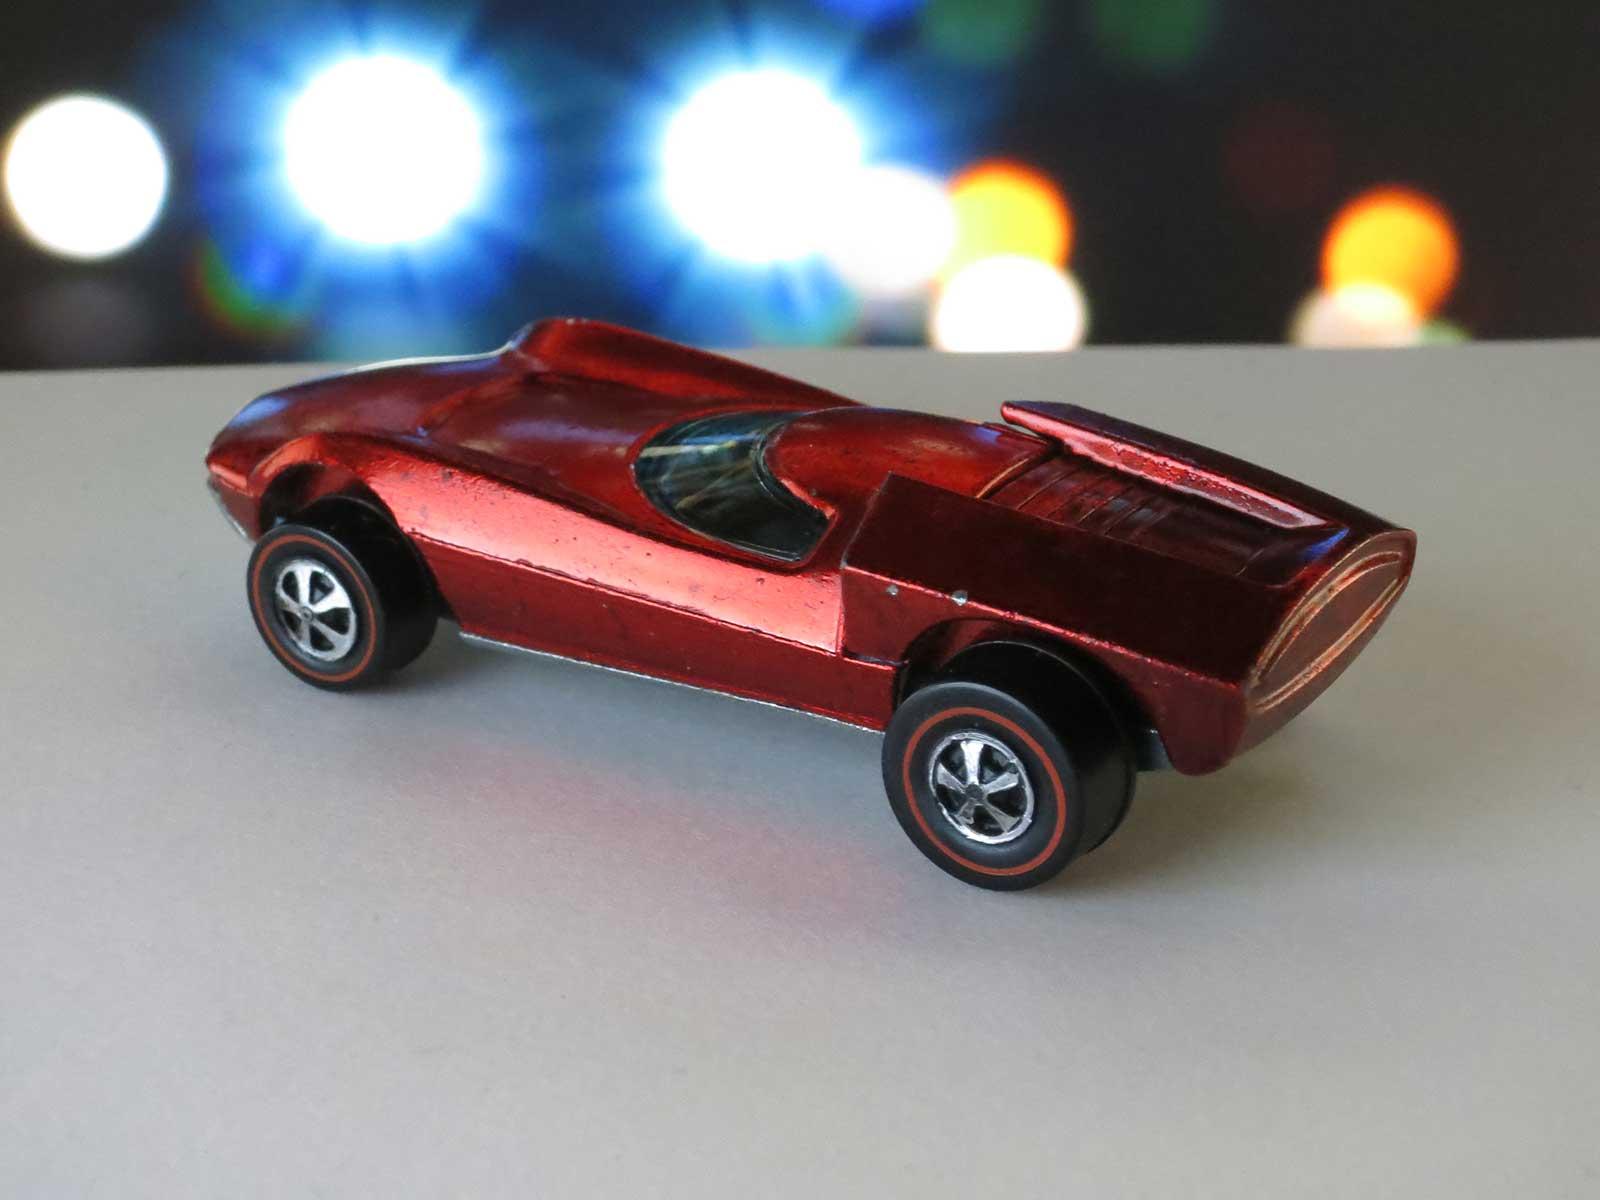 Hot Wheels Redline Red Turbofire Dark Interior